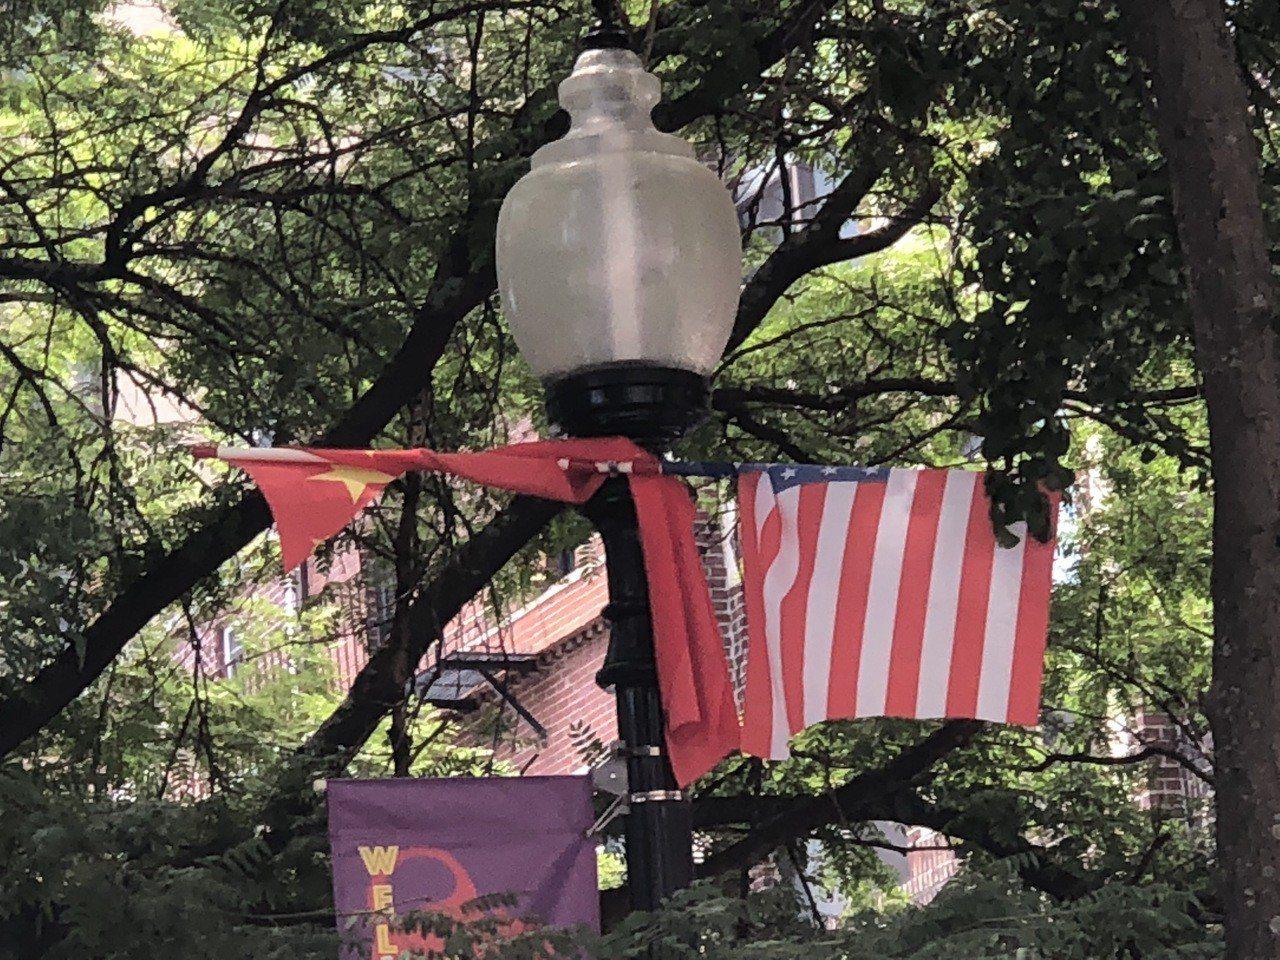 波士頓華埠五星旗疑遭人為破壞。 記者劉晨懿之攝影